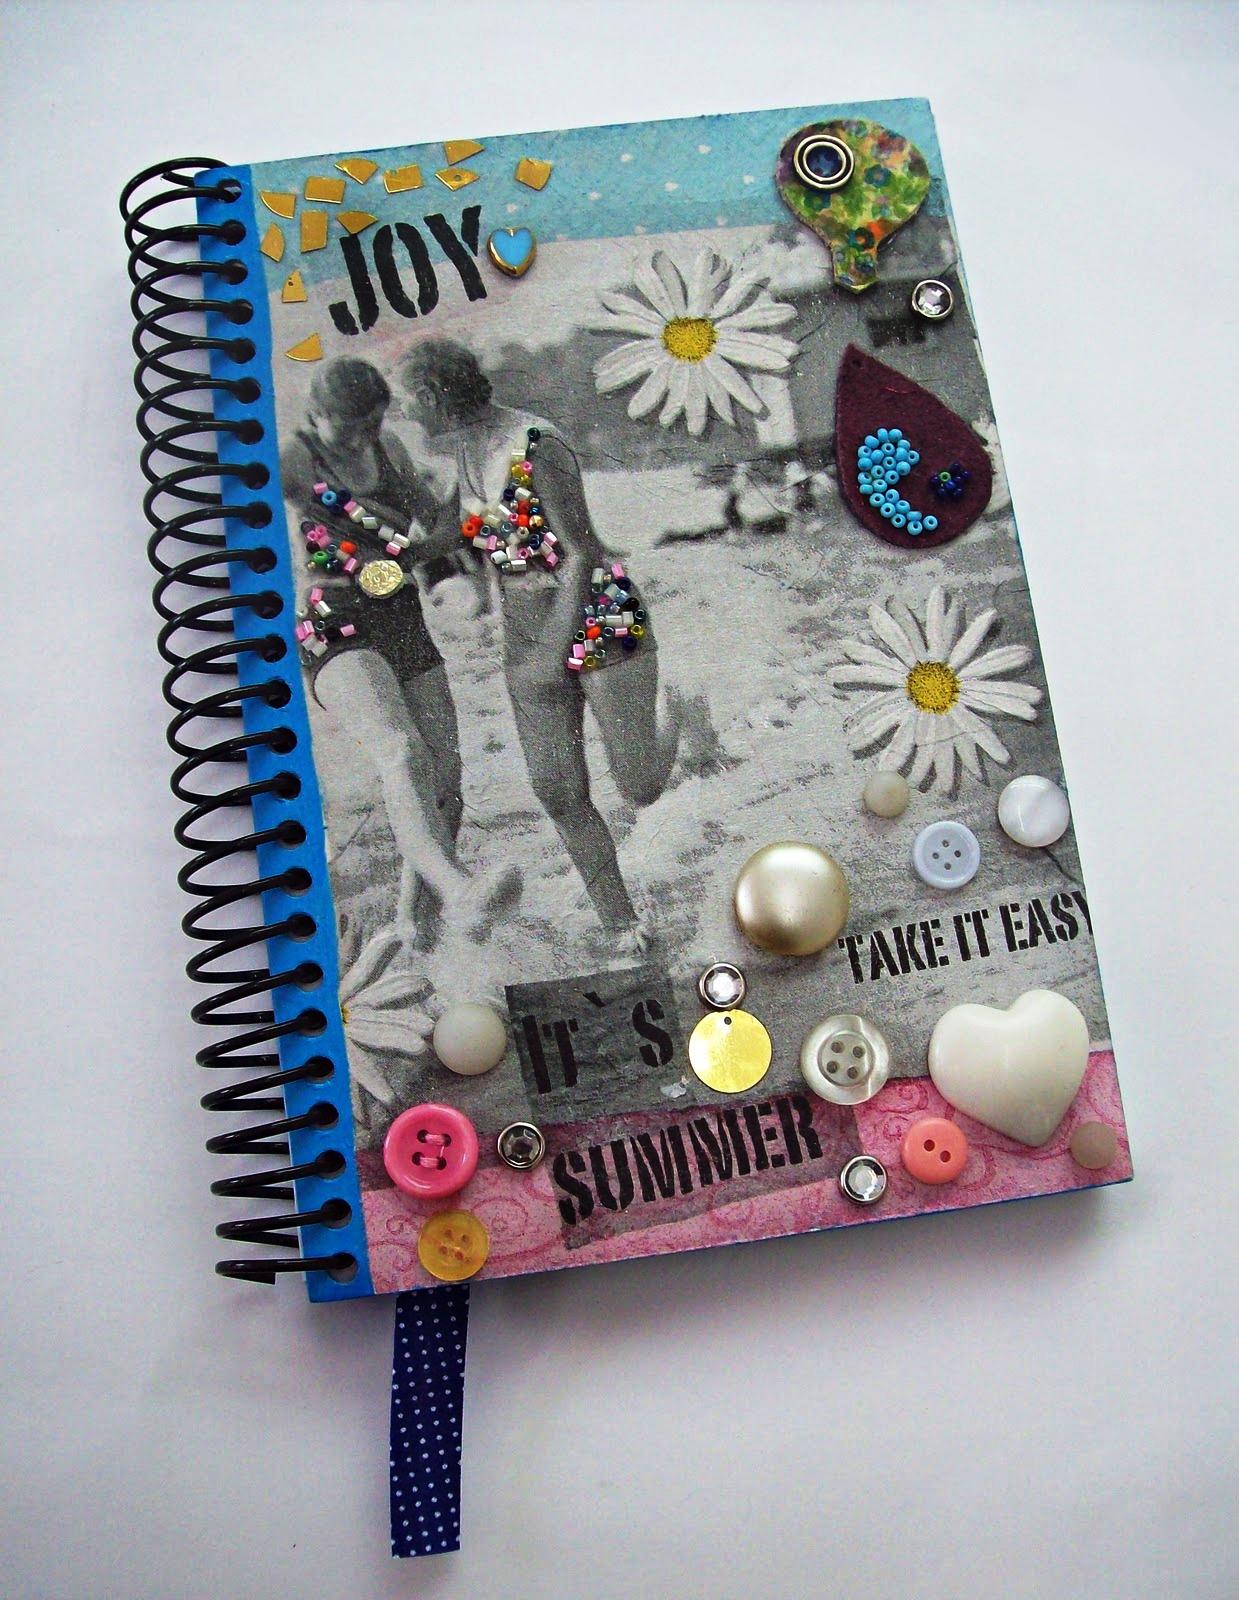 Como customizar cadernos de forma criativa 10